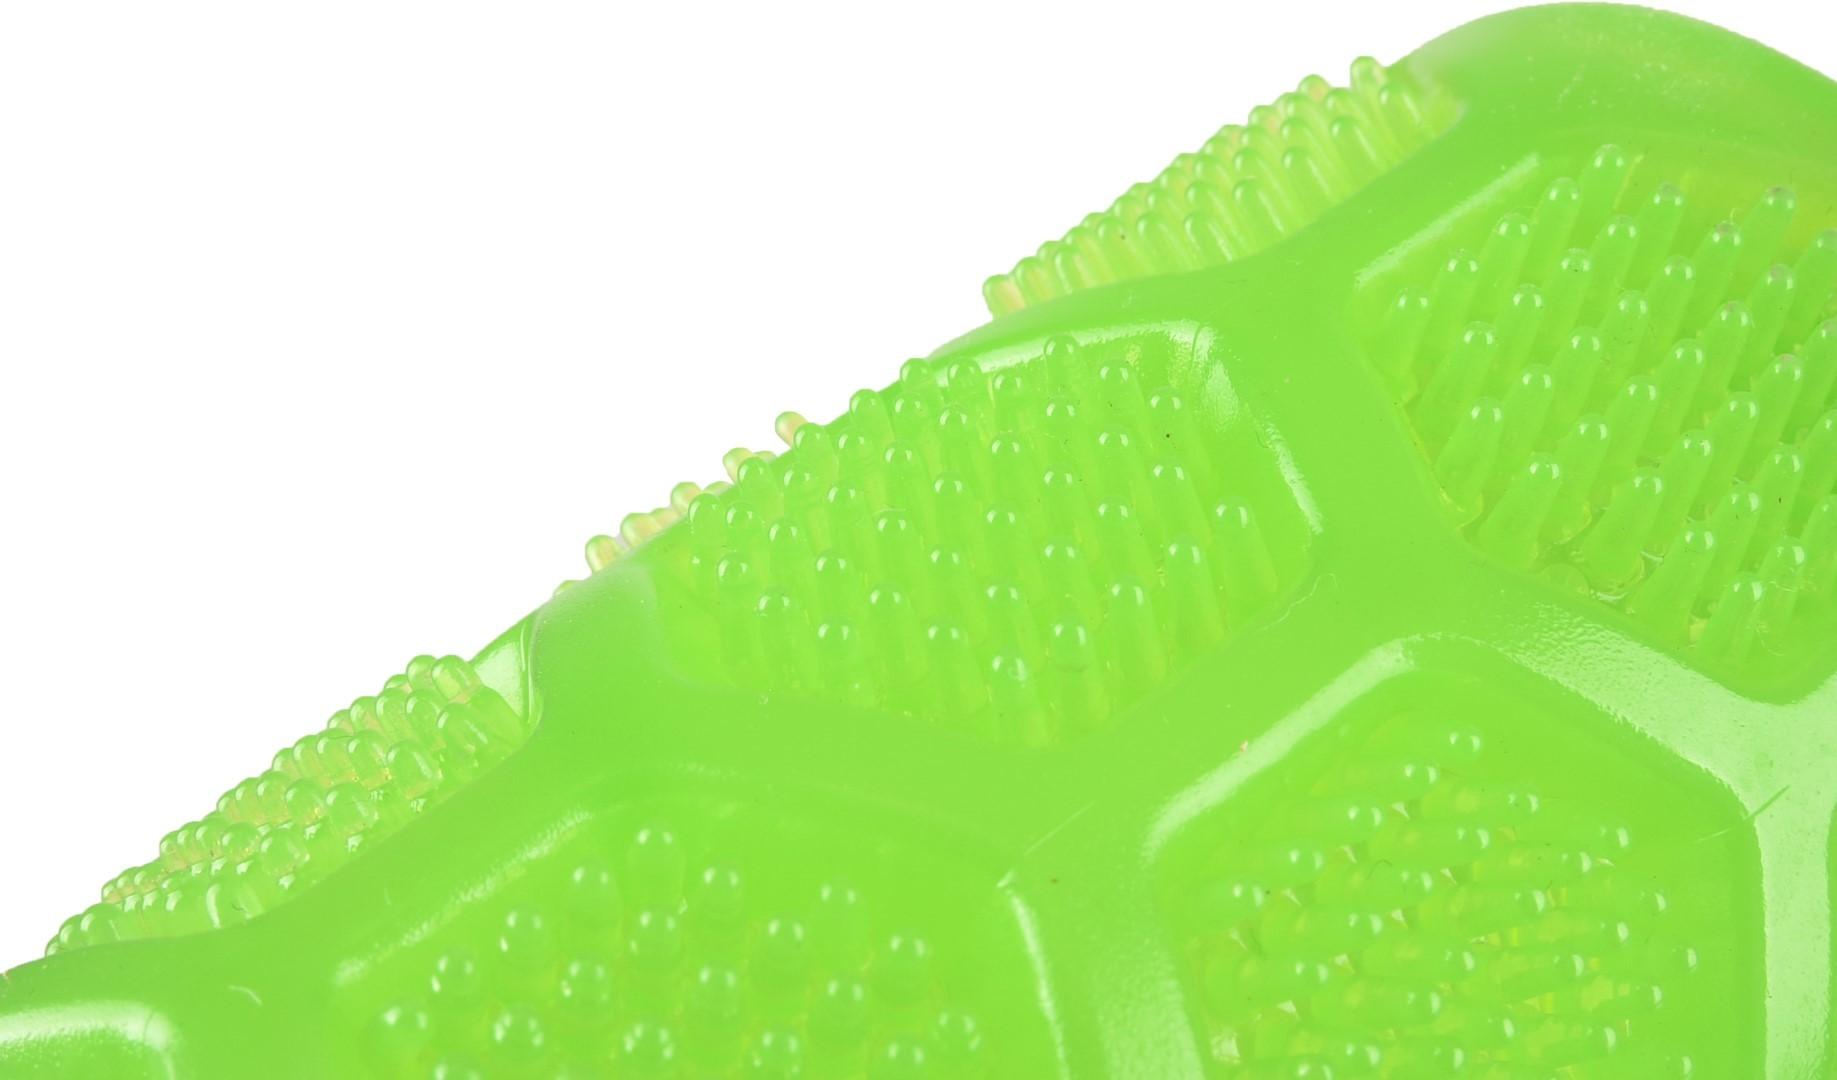 Hondenspeelgoed tpr krico dental squeaky stick groen 16 cm Flamingo